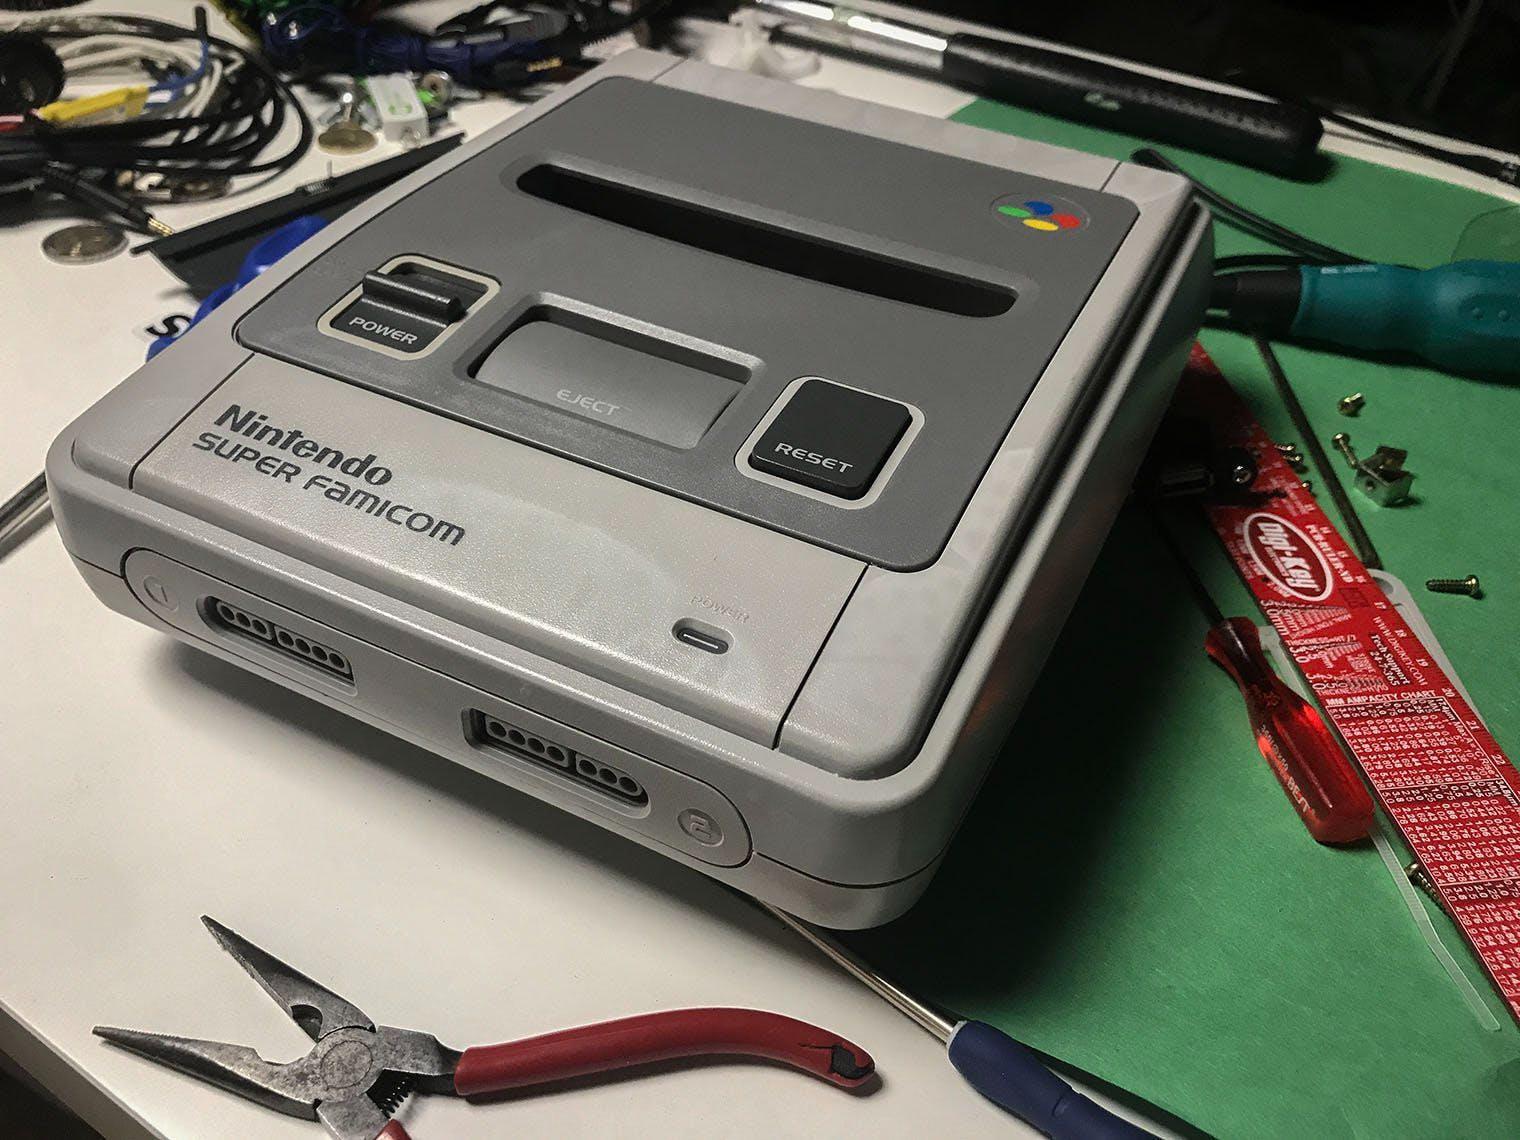 RetroPie in a Super Famicom